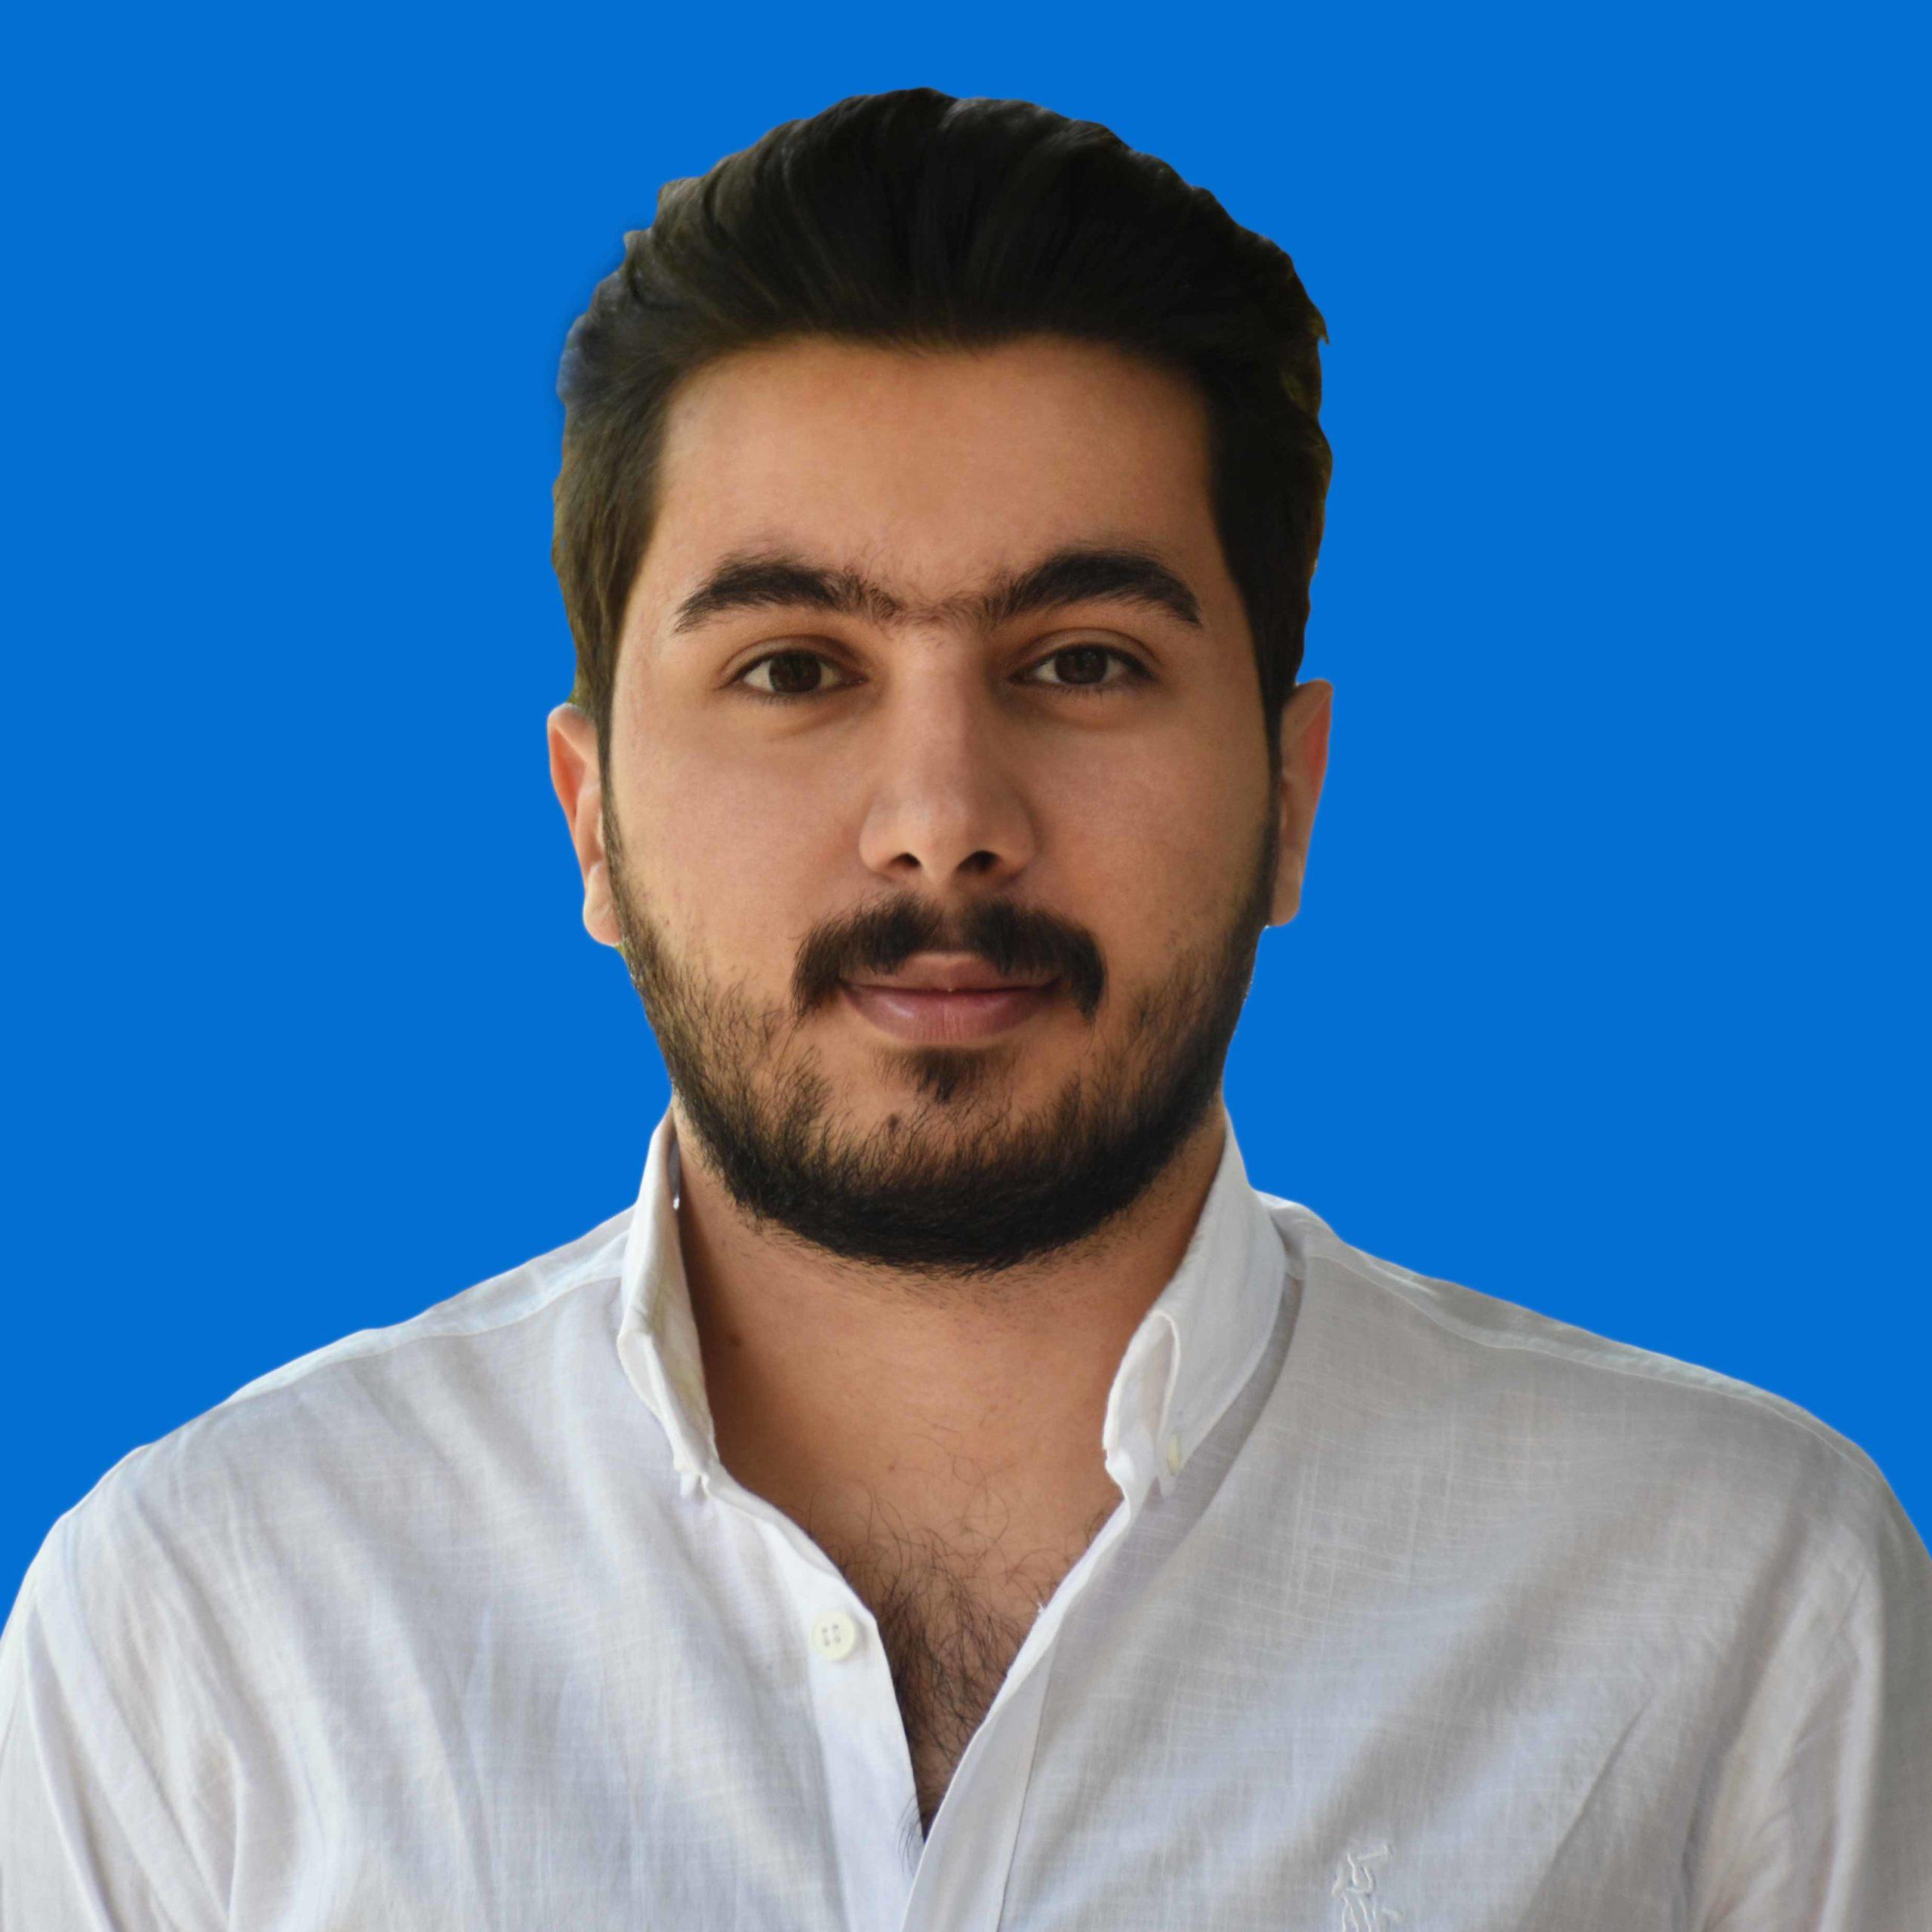 محمدجواد مزروعی